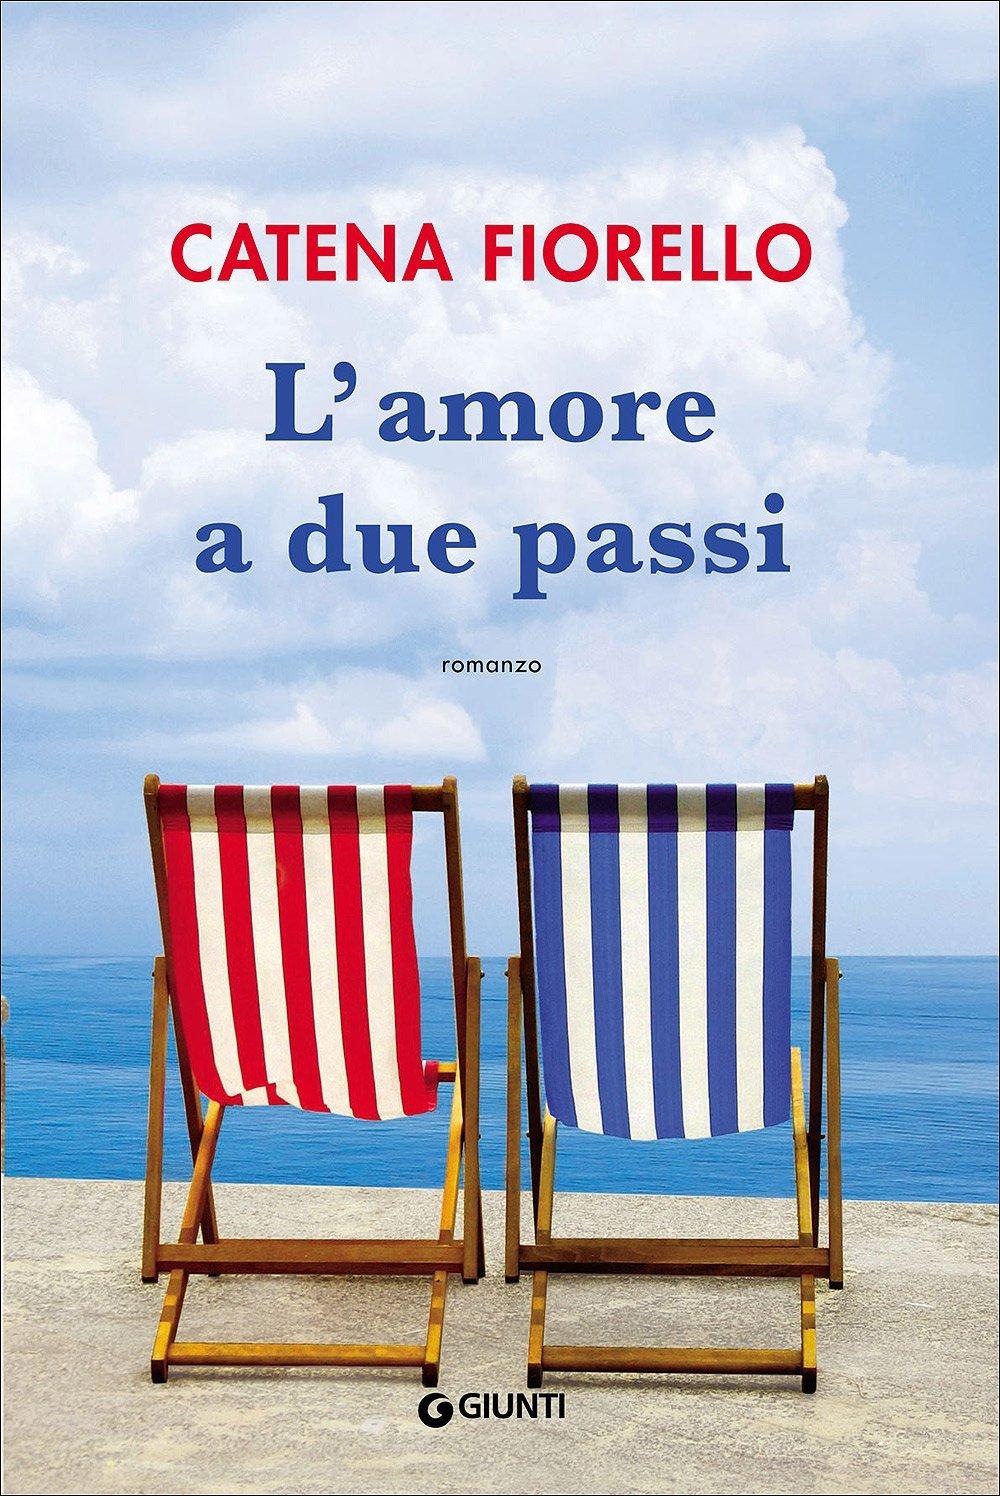 Catena Fiorello Racconta Lamore A Due Passi Giunti